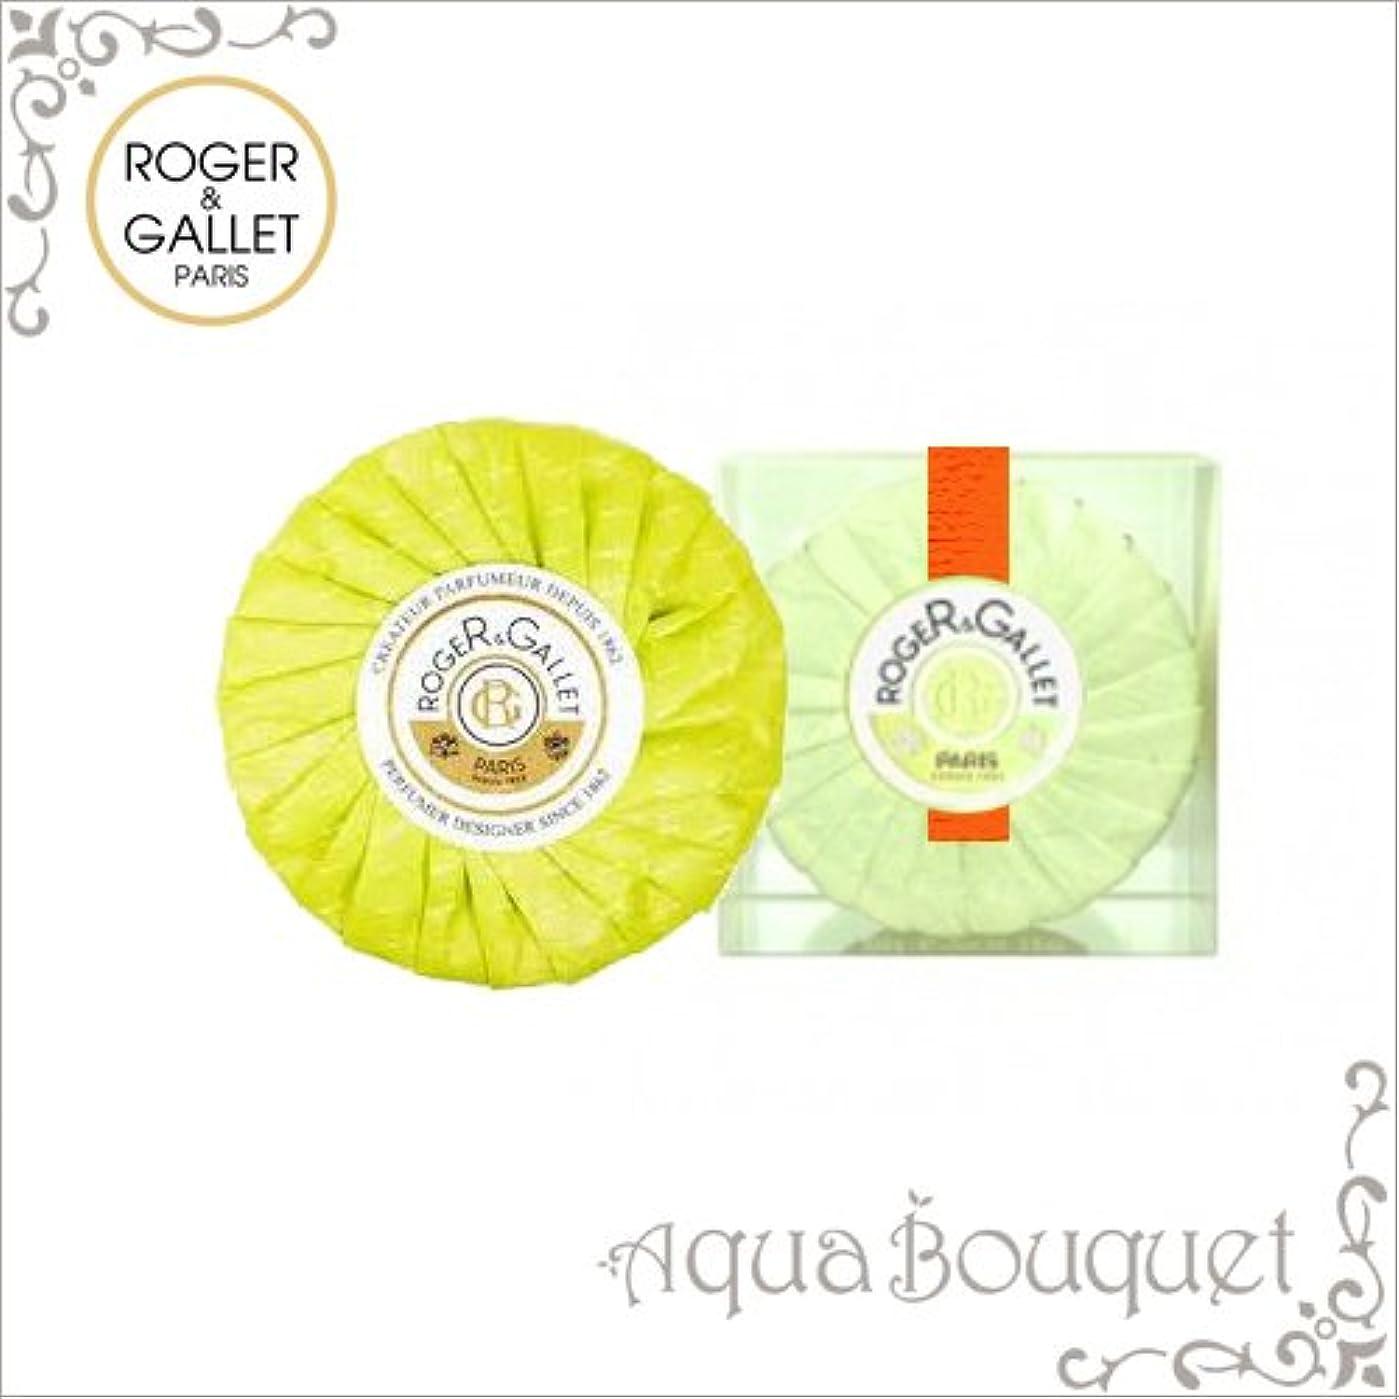 散文マナー待つロジェガレ オスマンティウスパフューム 香水石鹸 100g ROGER&GALLET FLEUR D'OSMANTHUS PERFUMED SOAP [1278](プラスチック簡易ケース入り) [並行輸入品]